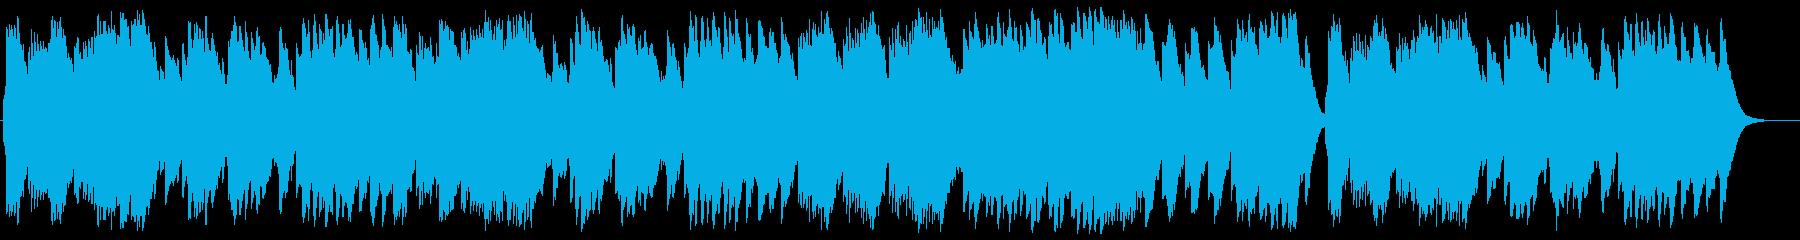 フィガロの結婚(モーツァルト)の再生済みの波形